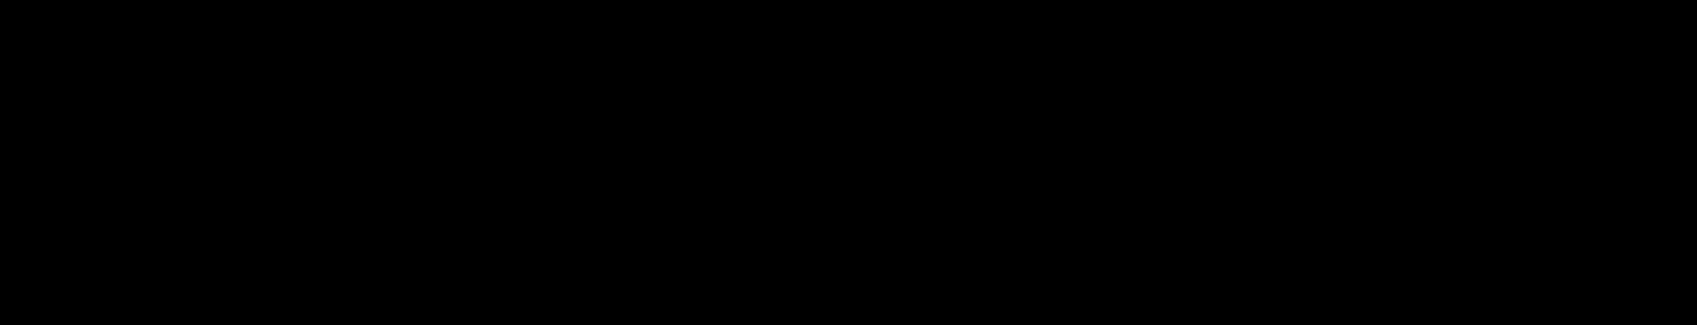 Palmspire